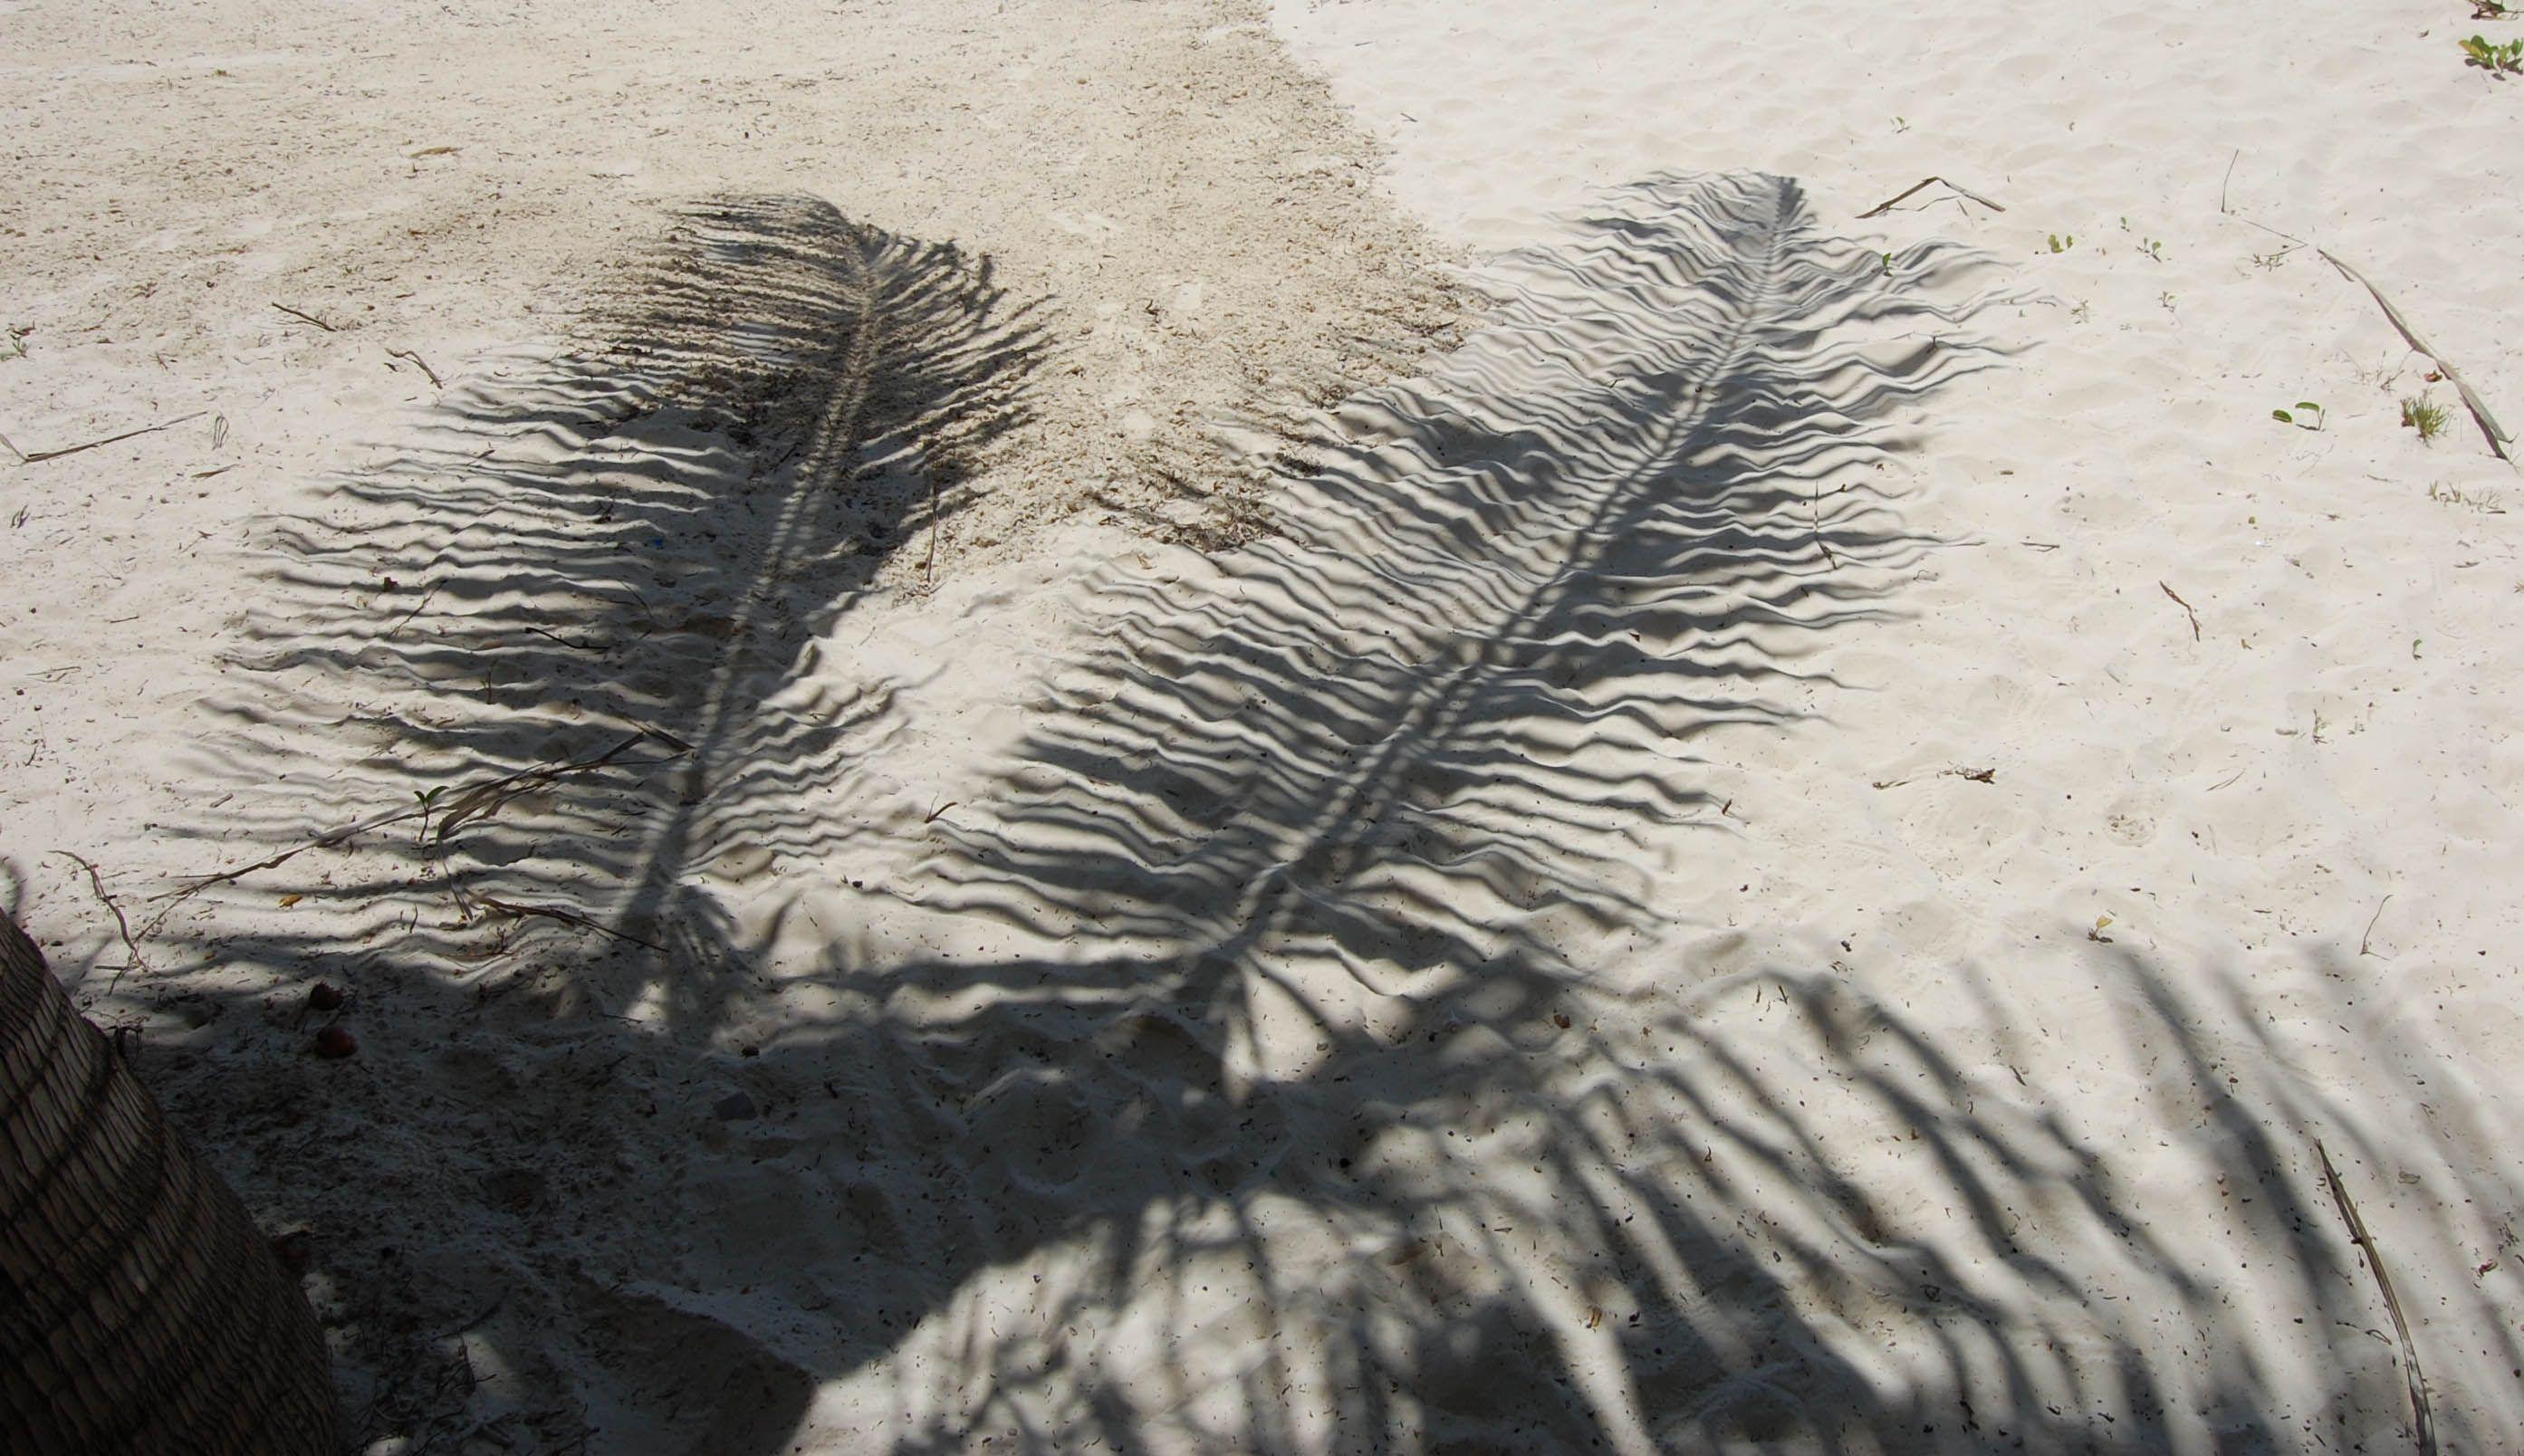 Sands Of Zanzibar Photography Sidsel Solmer Eriksen Med Billeder